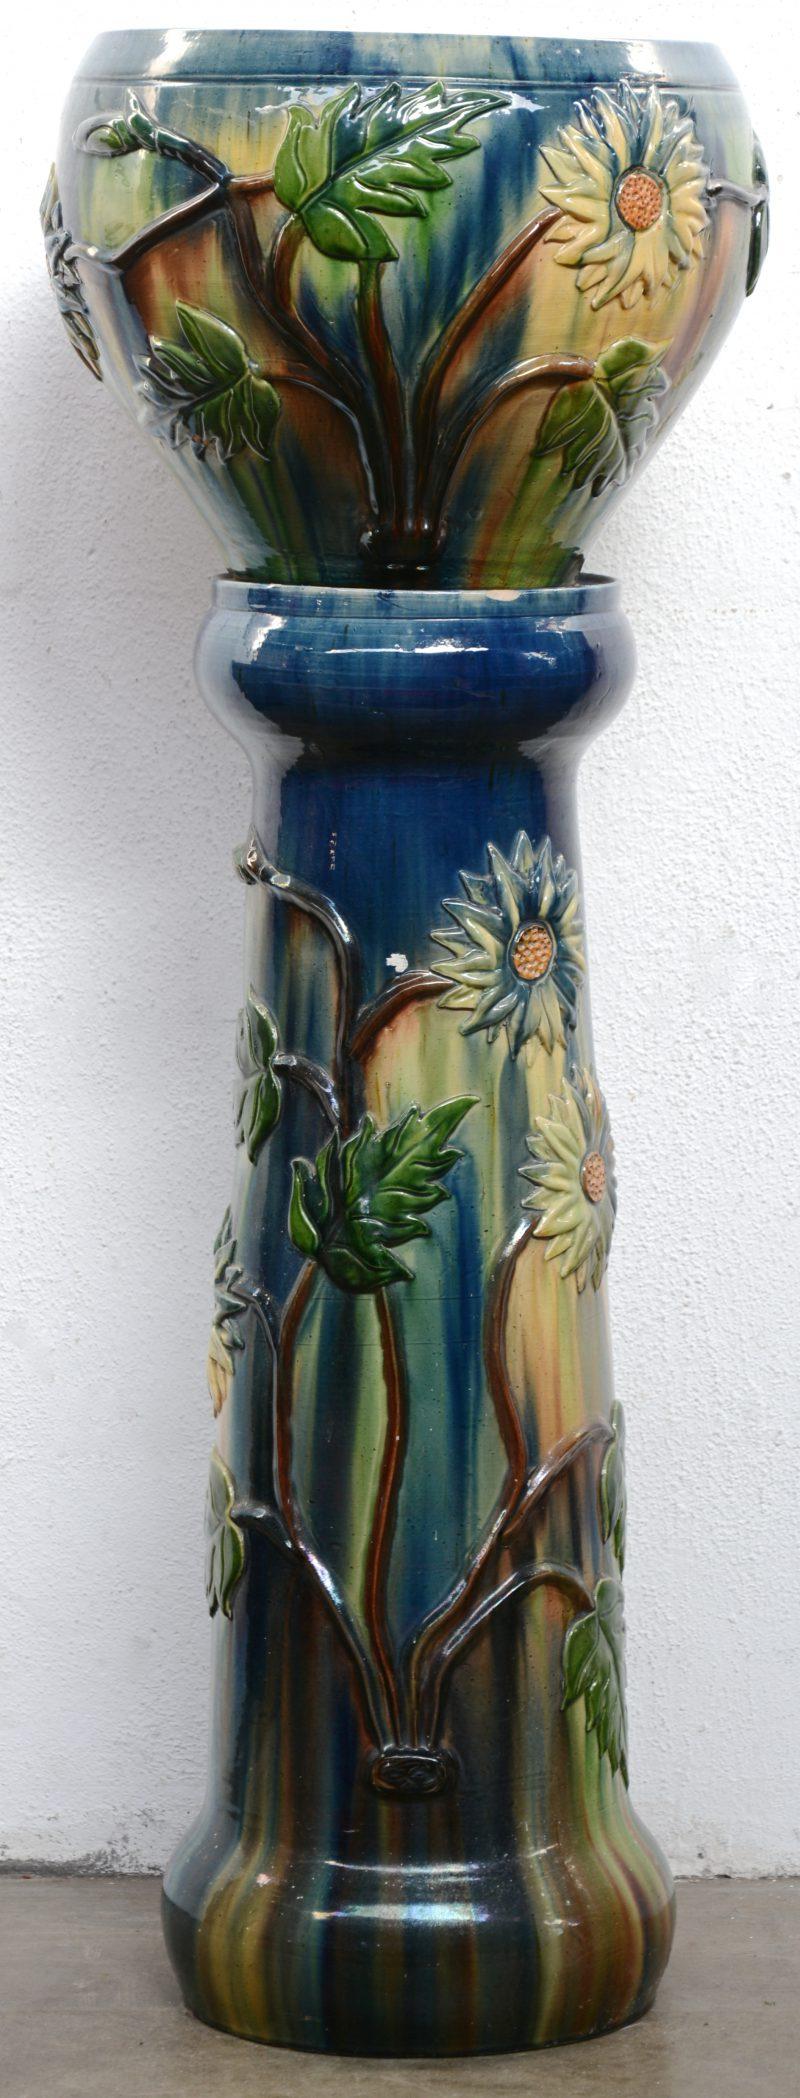 Een jardinière van Vlaams aardewerk met een bloemendecor in reliëf. Op piëdestal. Randschilfer aan de piëdestal.